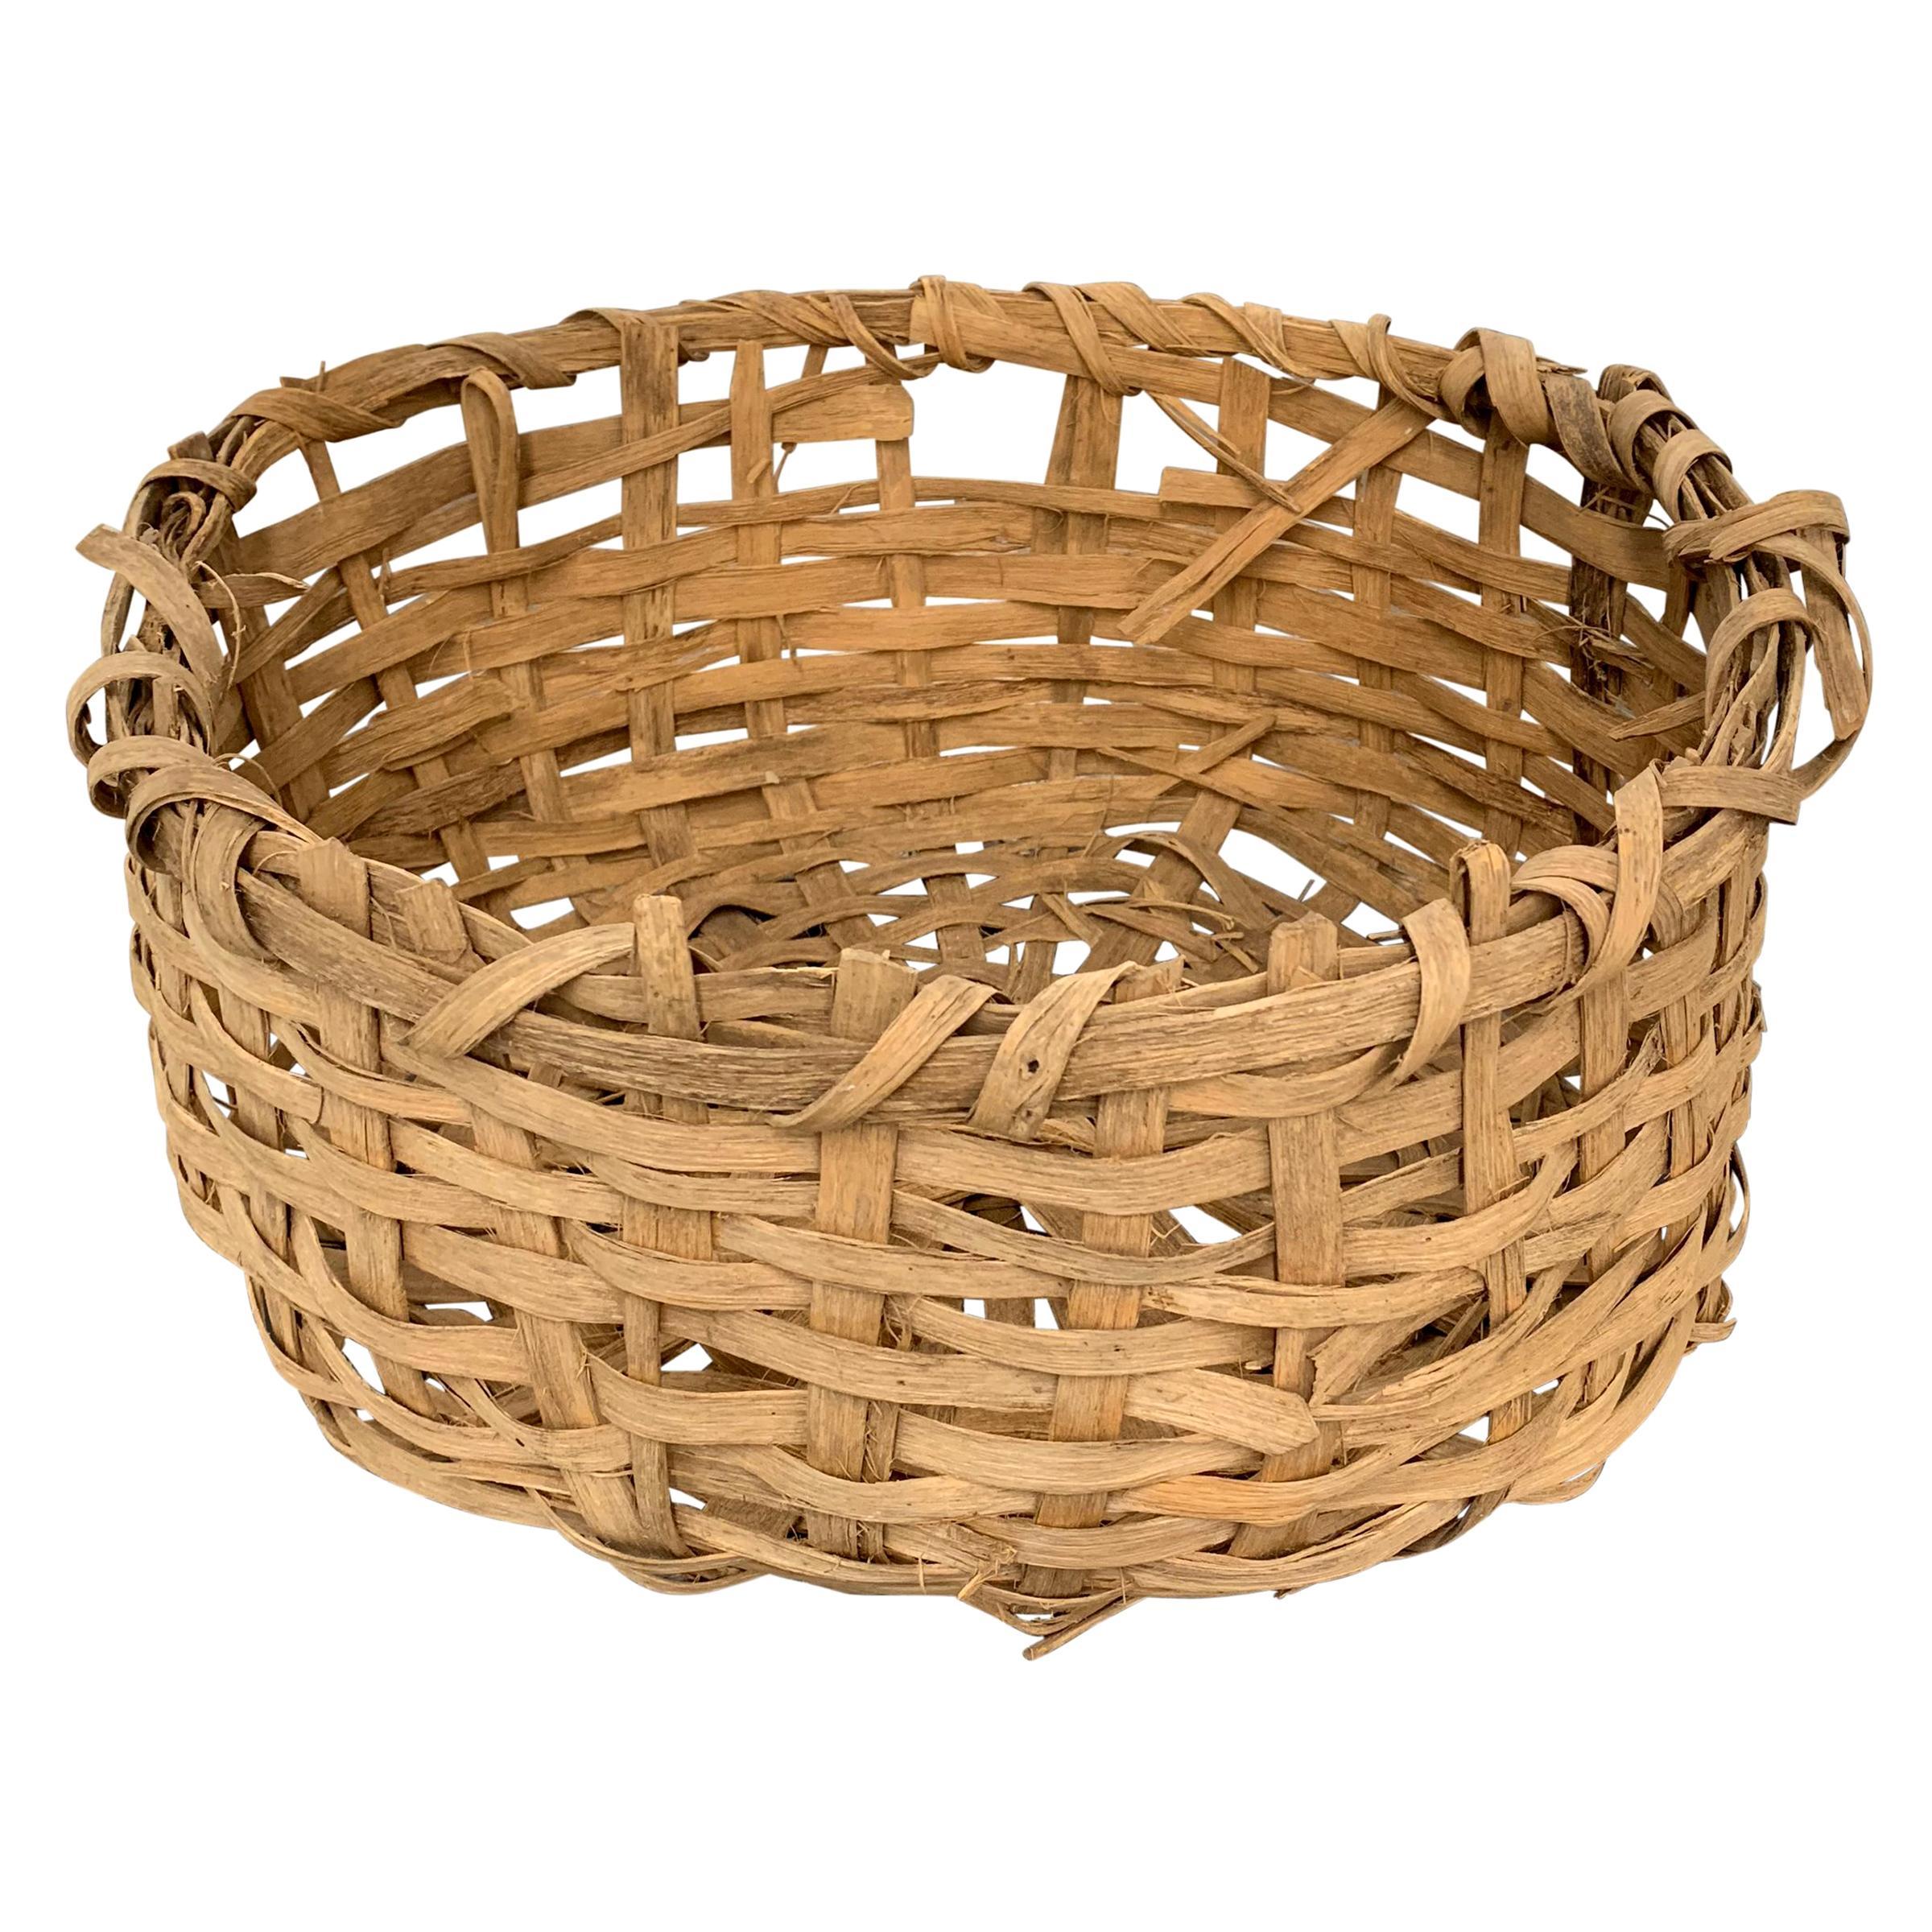 Early 20th Century Primitive Splint Basket